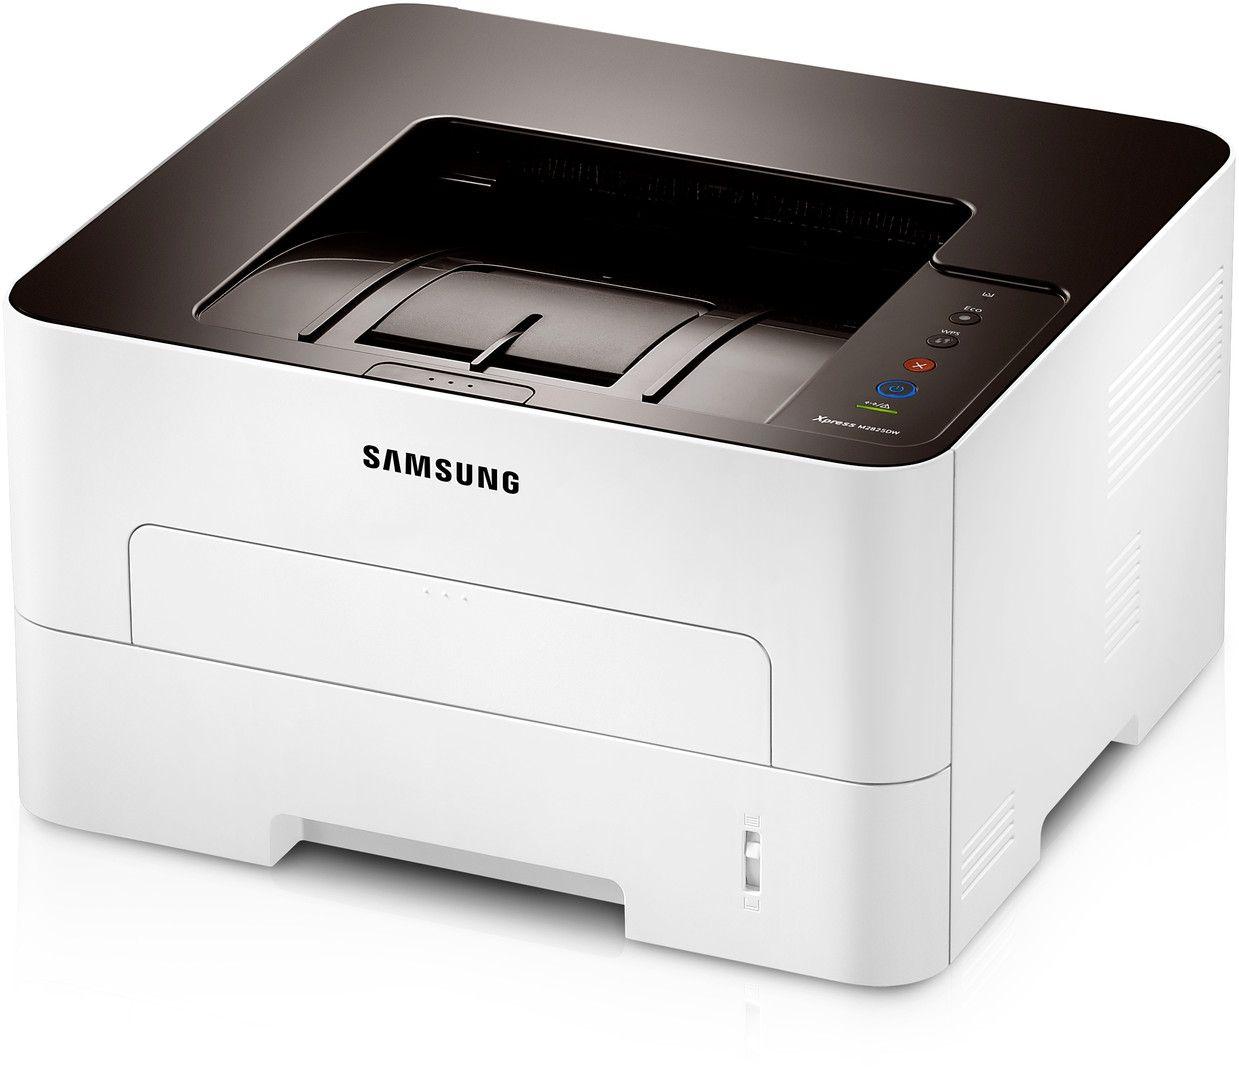 เครื่องพิมพ์เลเซอร์  SAMSUNG  ProXpress SL-M2825ND